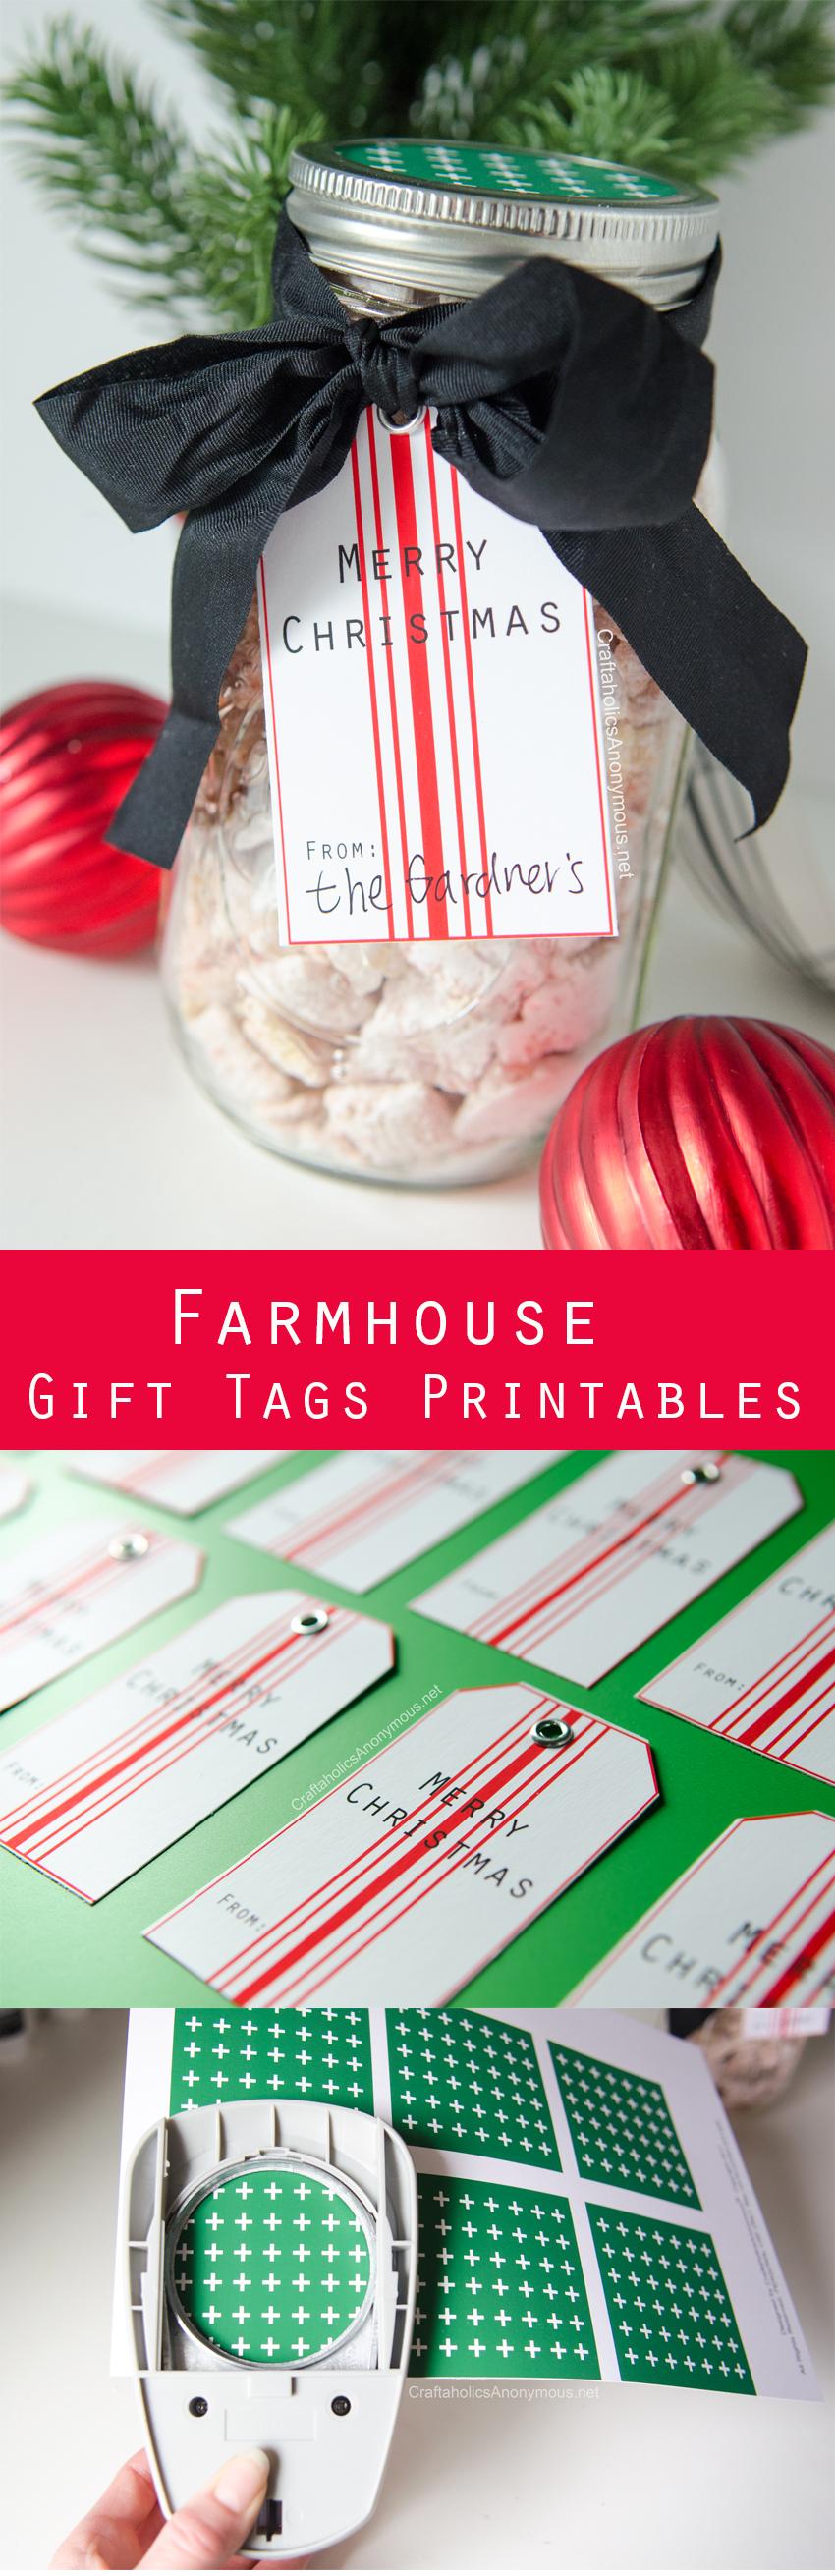 DIY Christmas Gift with Free Printable Farmhouse Gift Tags